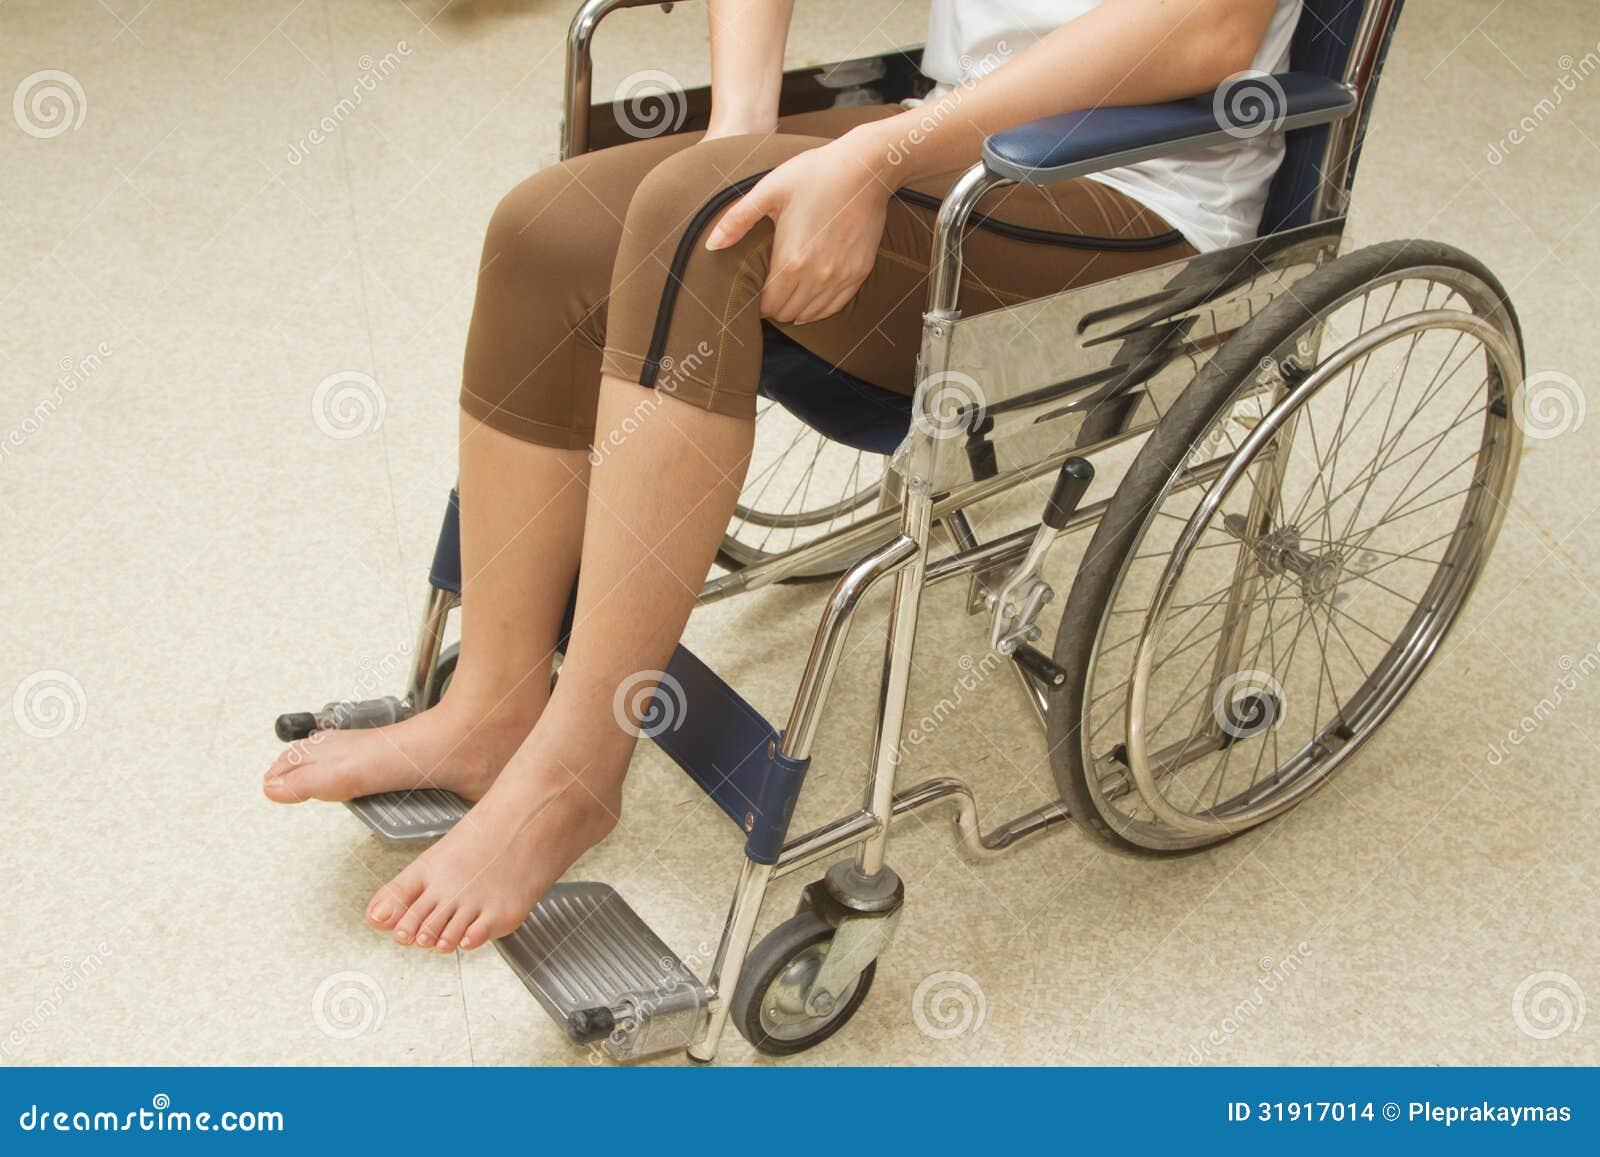 Kobieta w wózku inwalidzkim